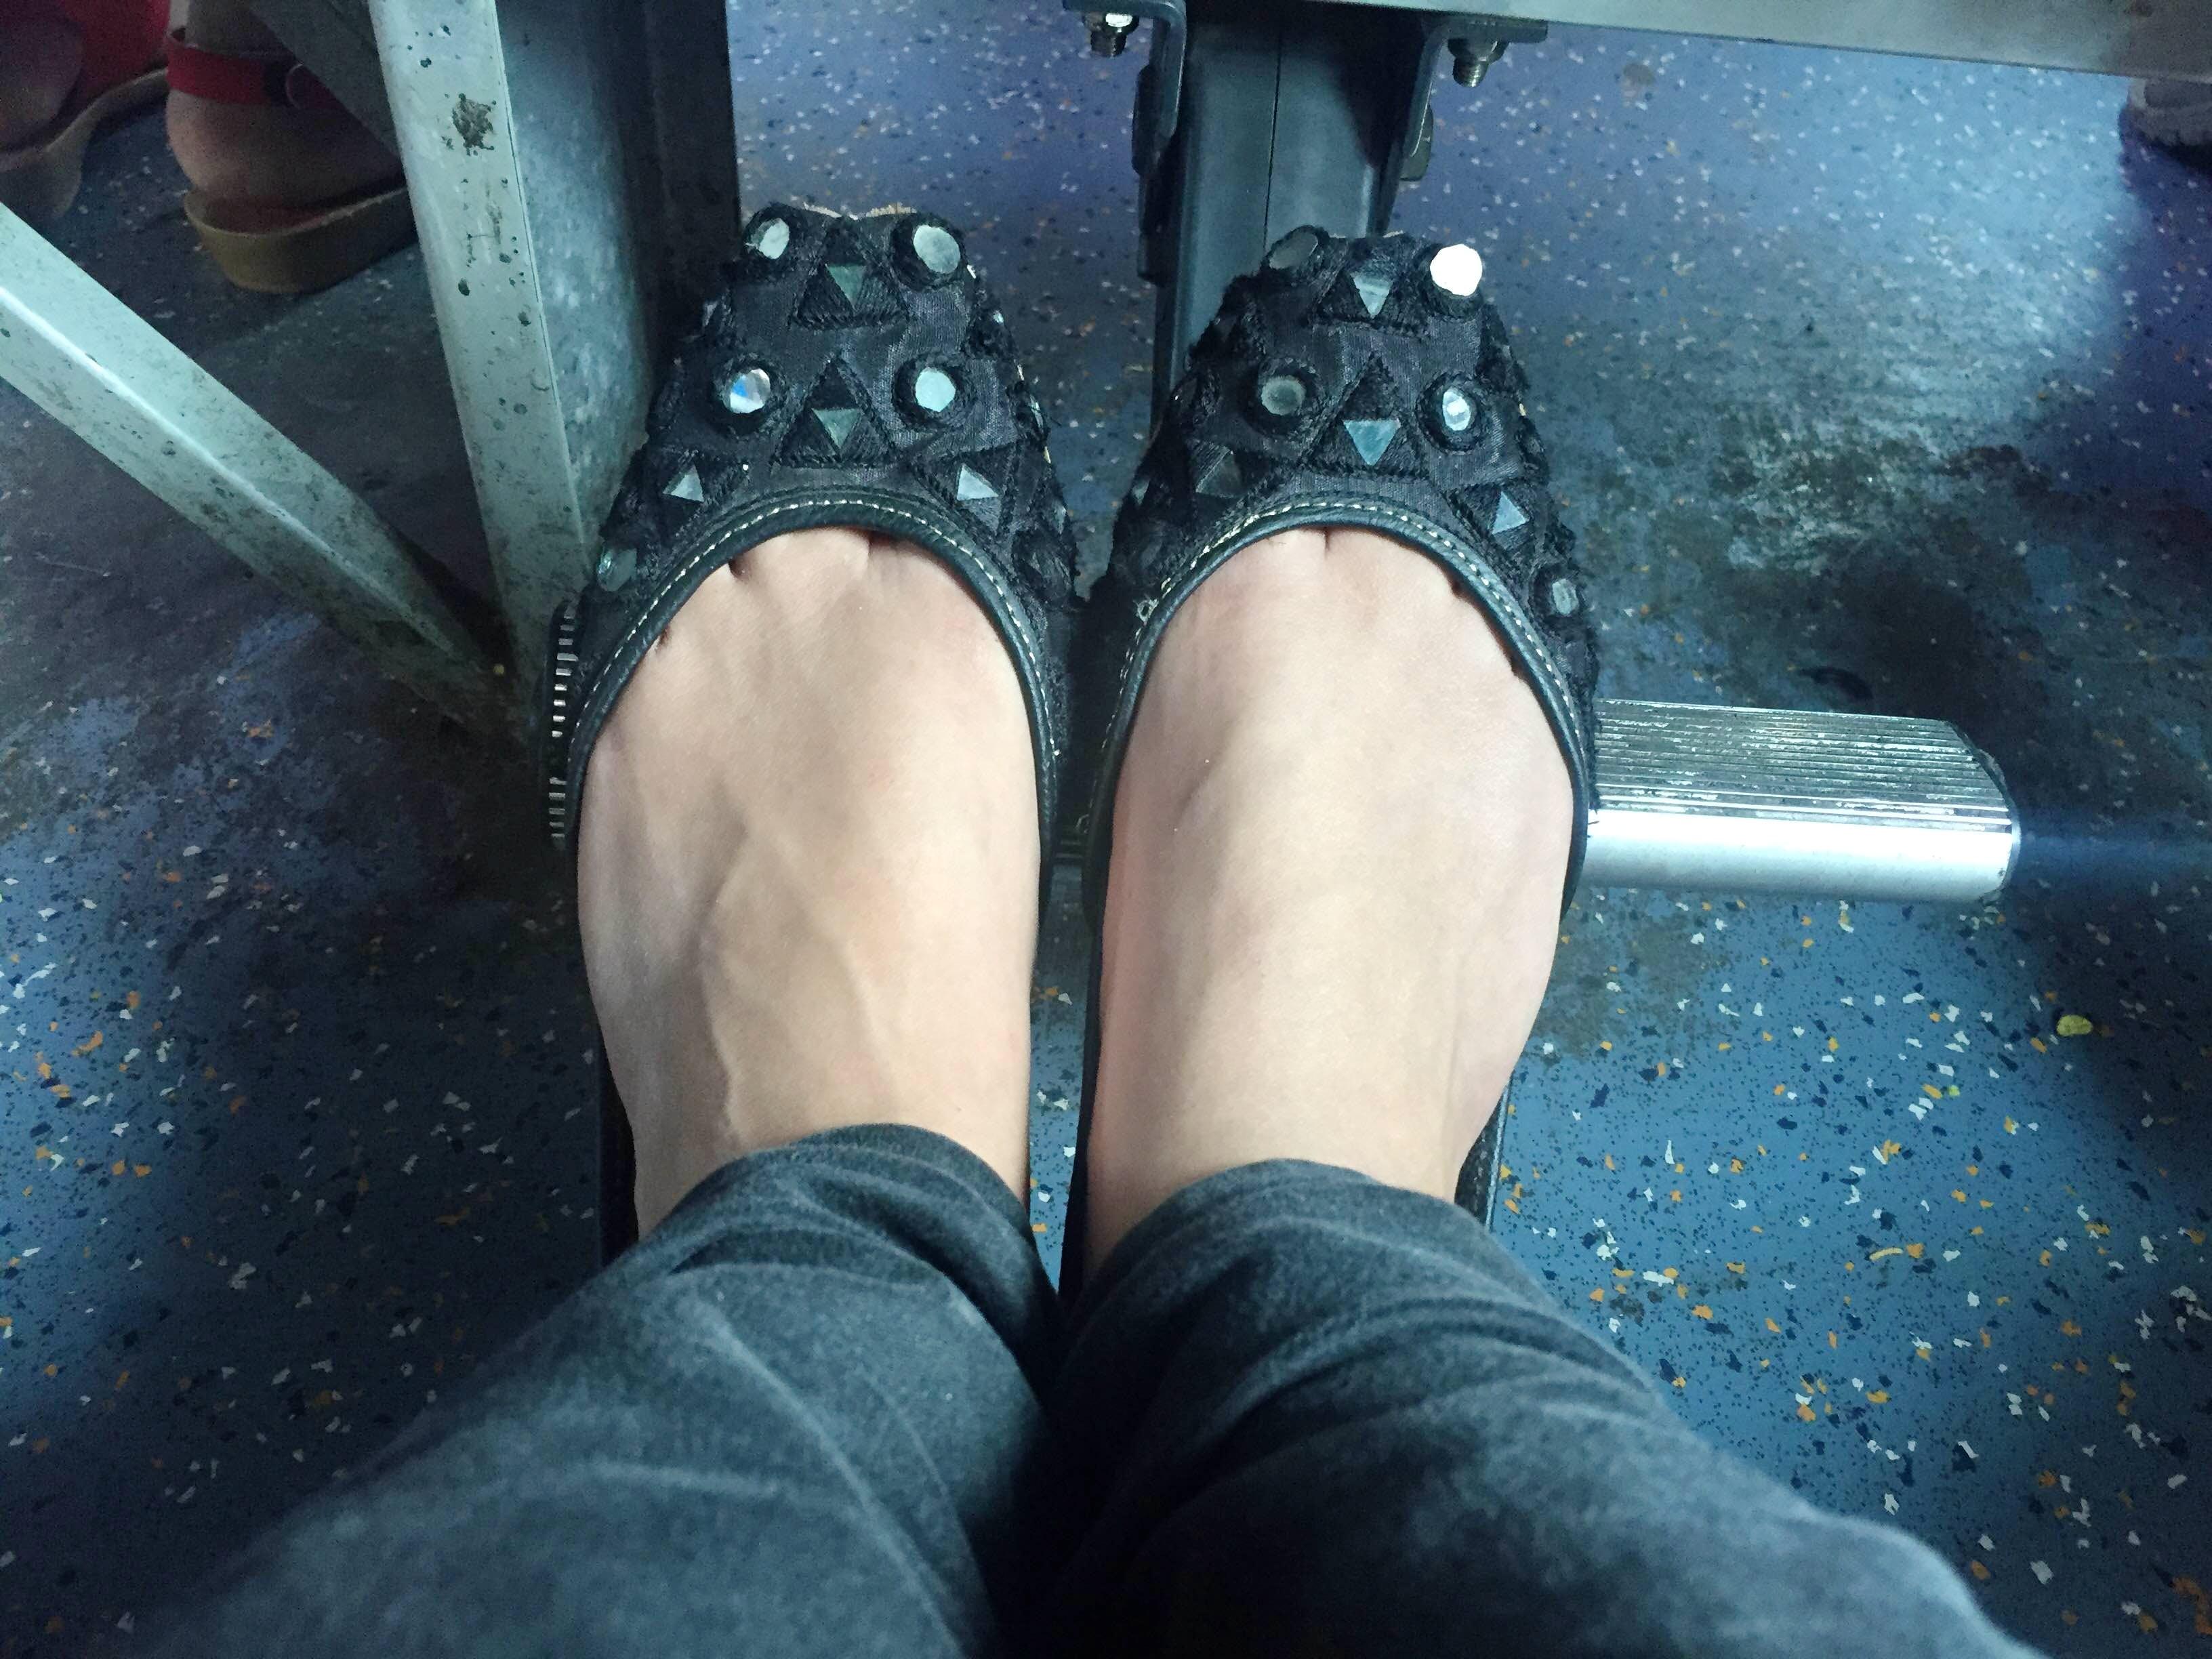 Footwear,Leg,Human leg,Black,Shoe,Foot,Ankle,Jeans,Joint,Human body